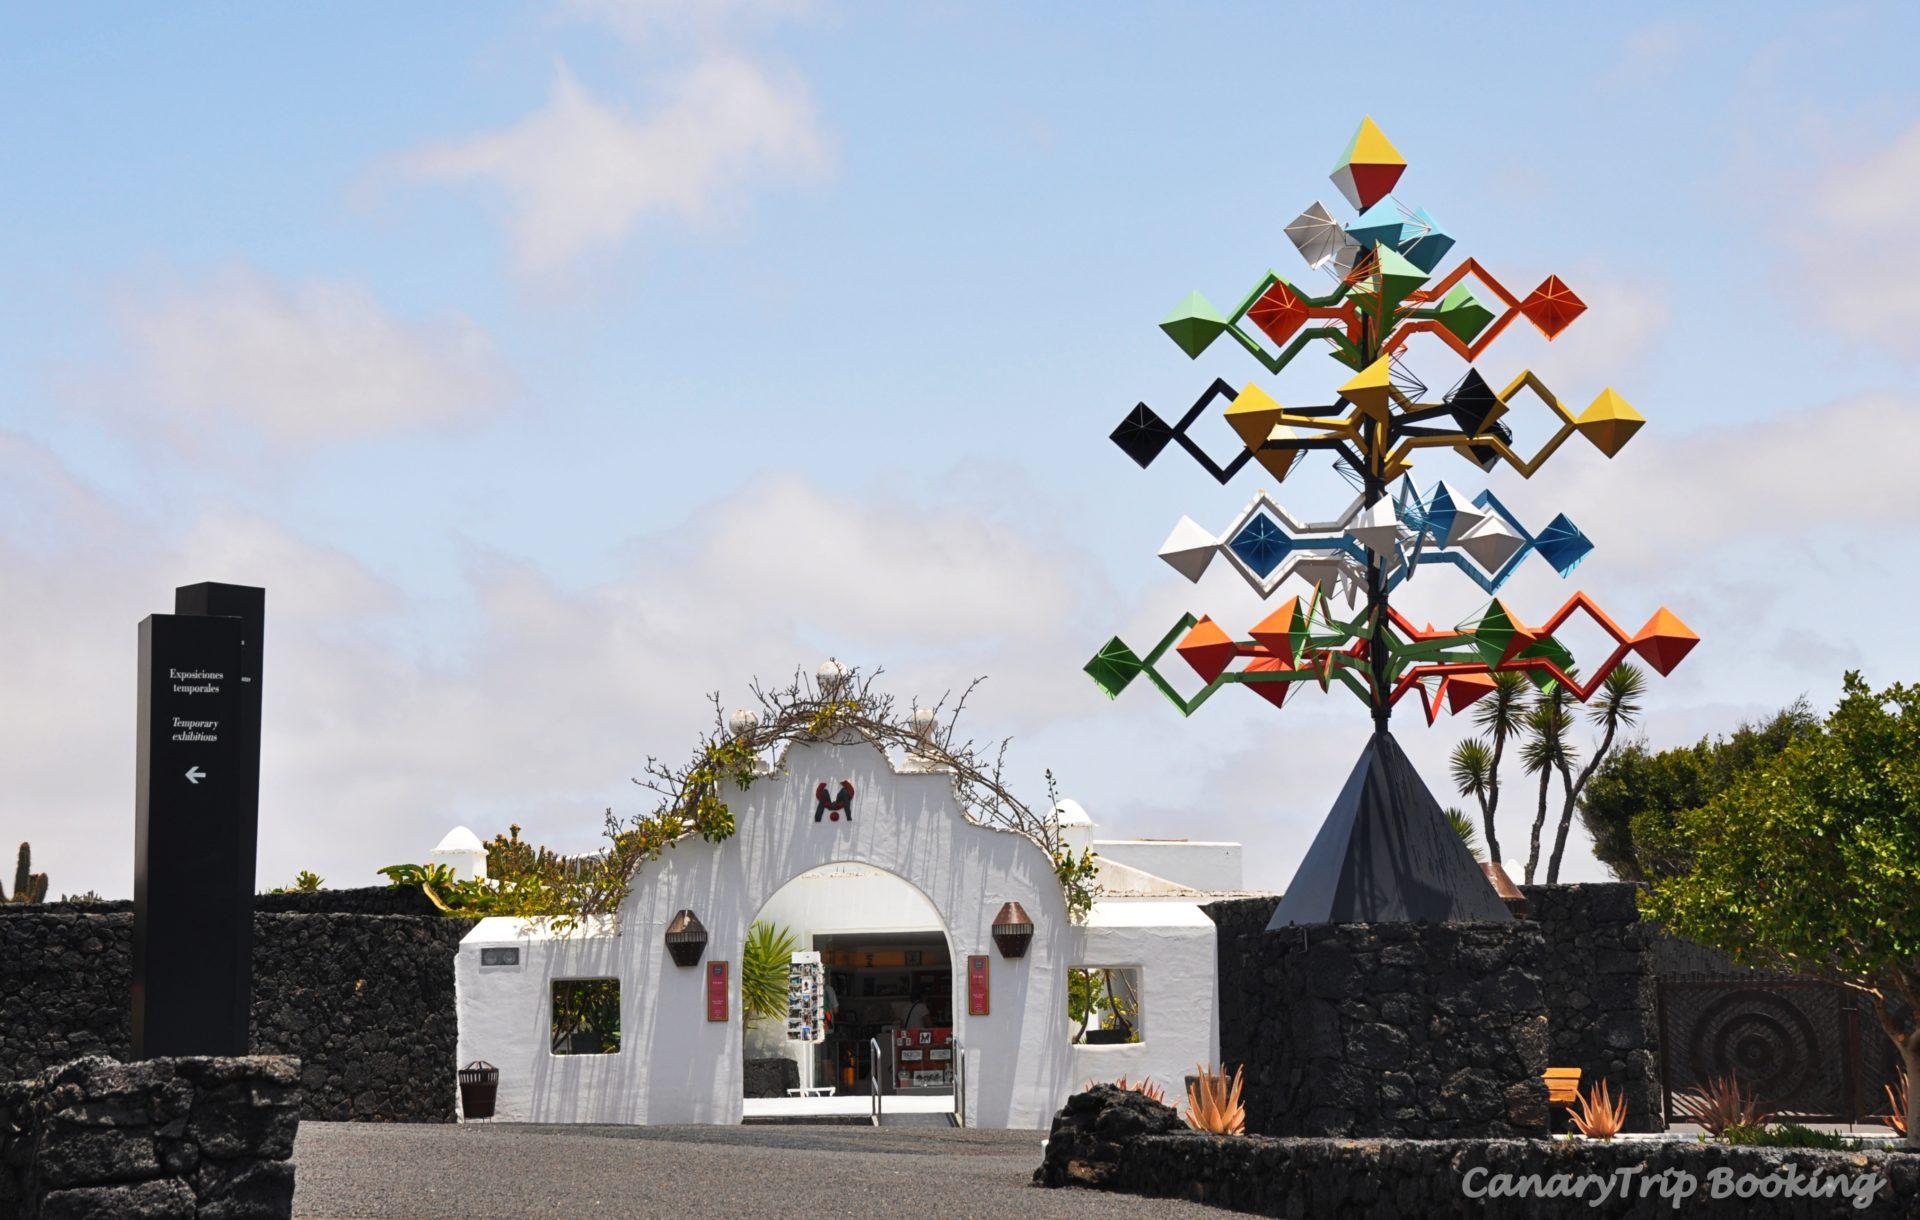 juguetes-del-viento-fundacion-cesar-manrique-canary-trip-booking